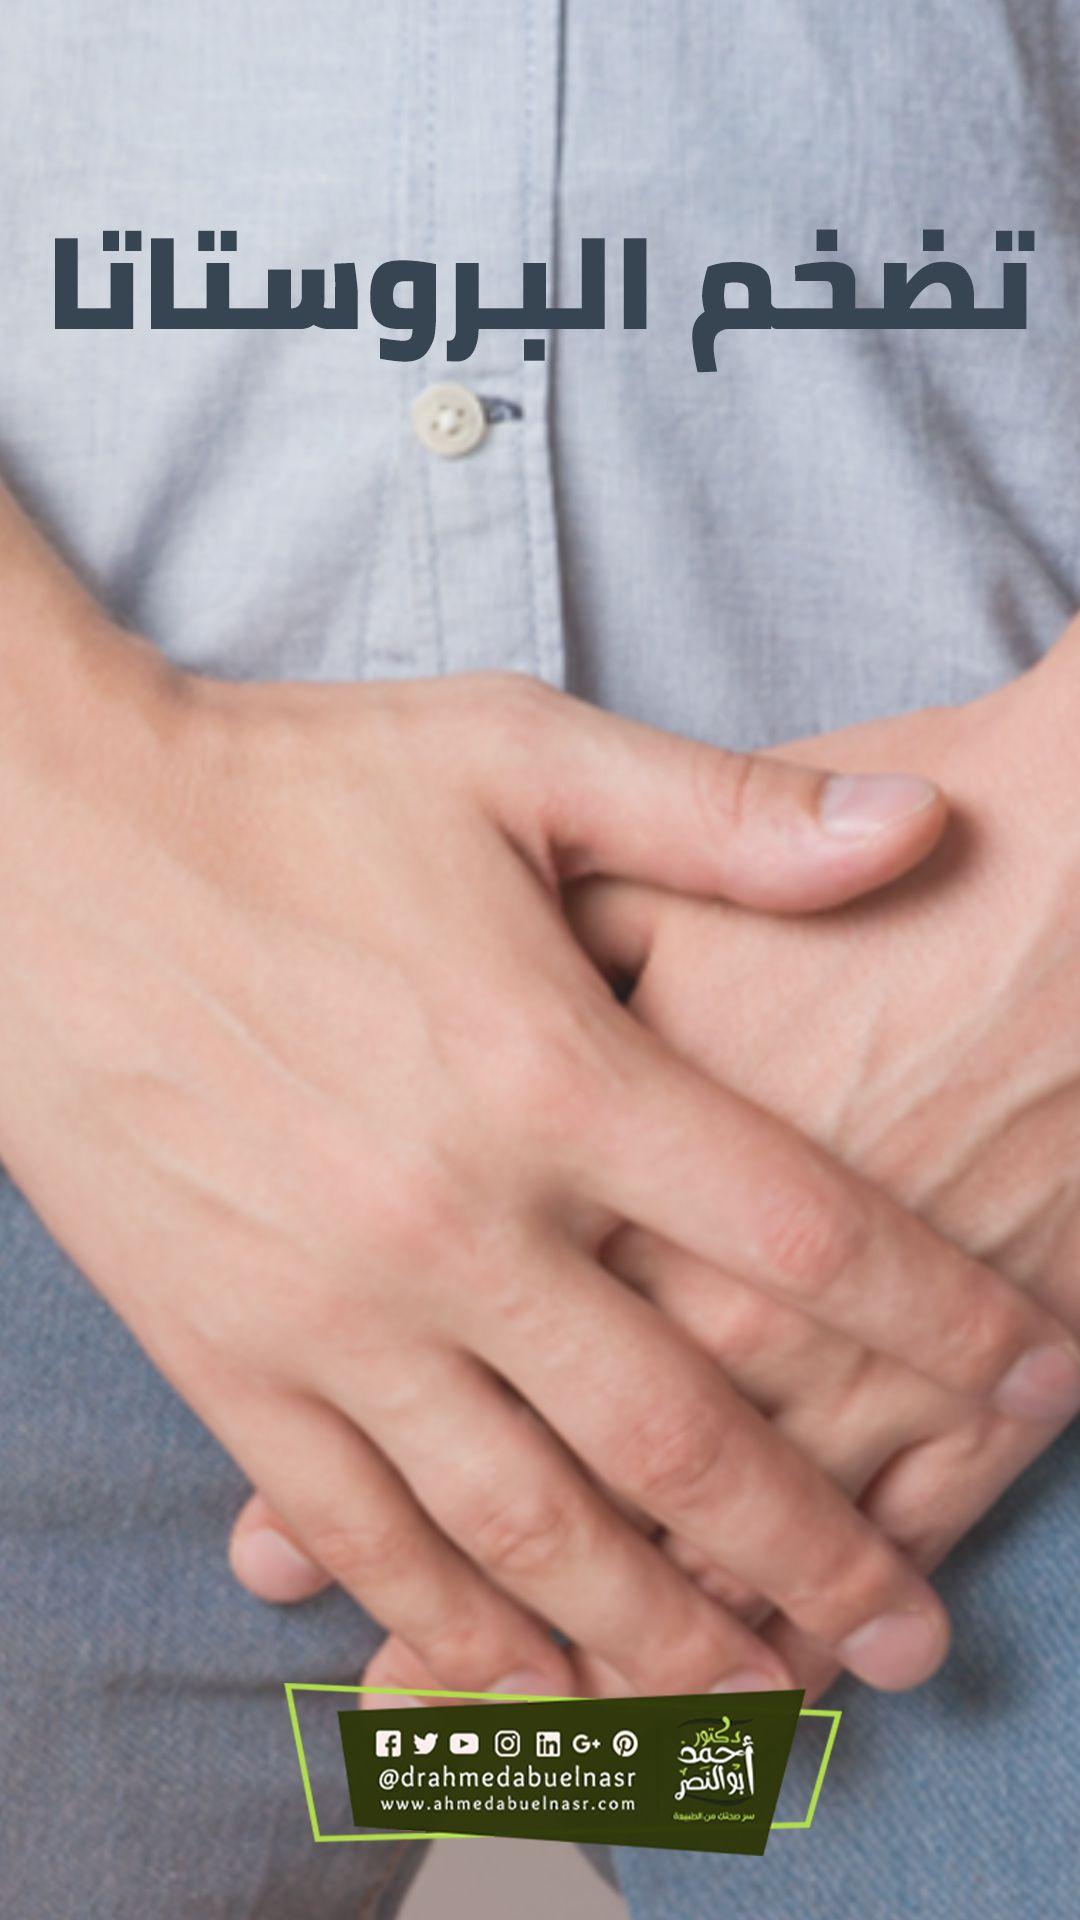 علاج تضخم البروستاتا عند الشباب Pin